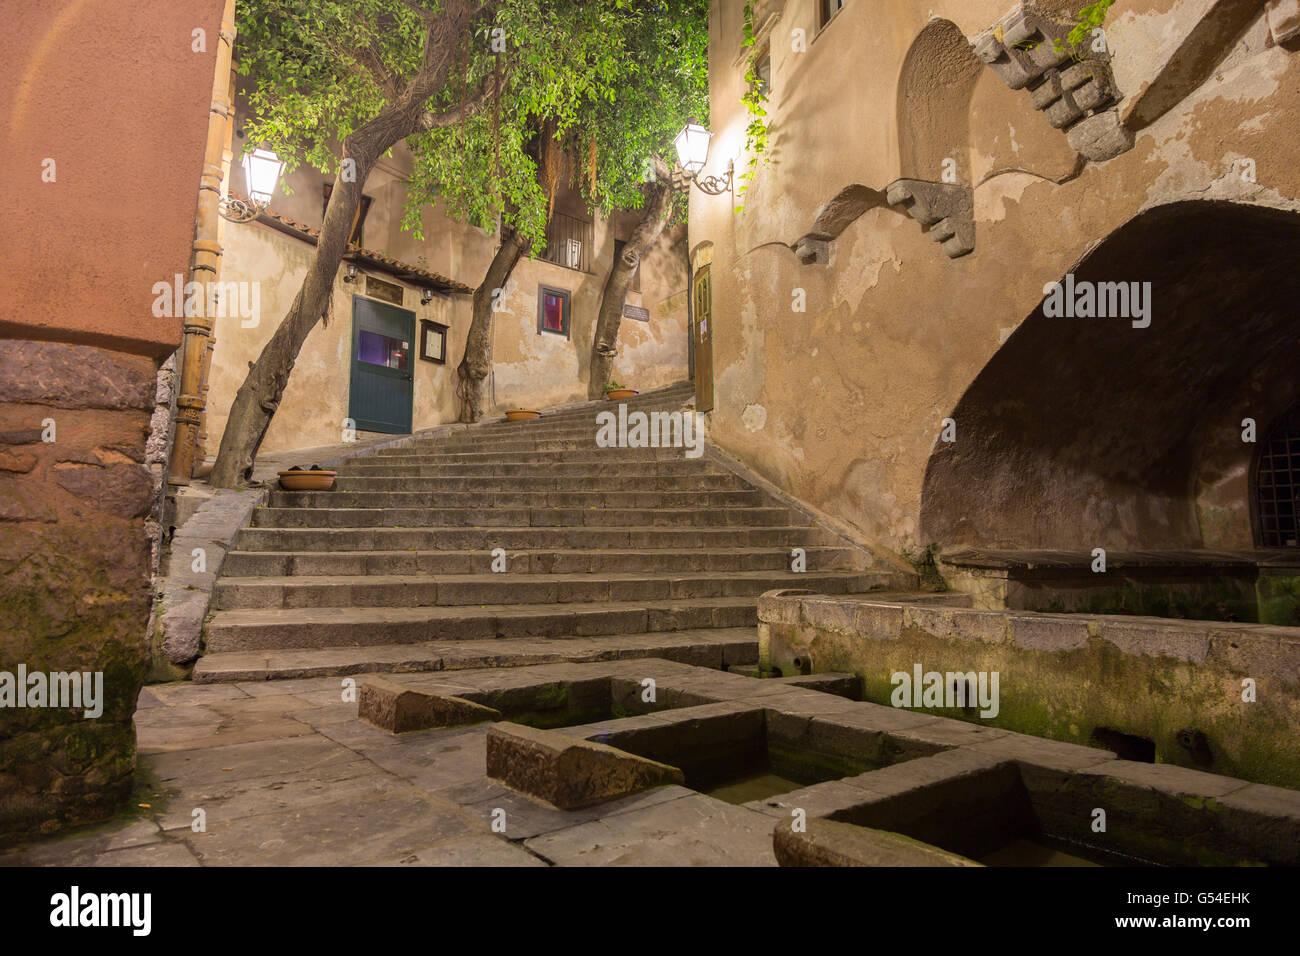 In der Nähe des Fischerhafens liegt das Lavatoio medievale, ein öffentlicher Waschplatz aus dem Mittelalter, - Stock Image